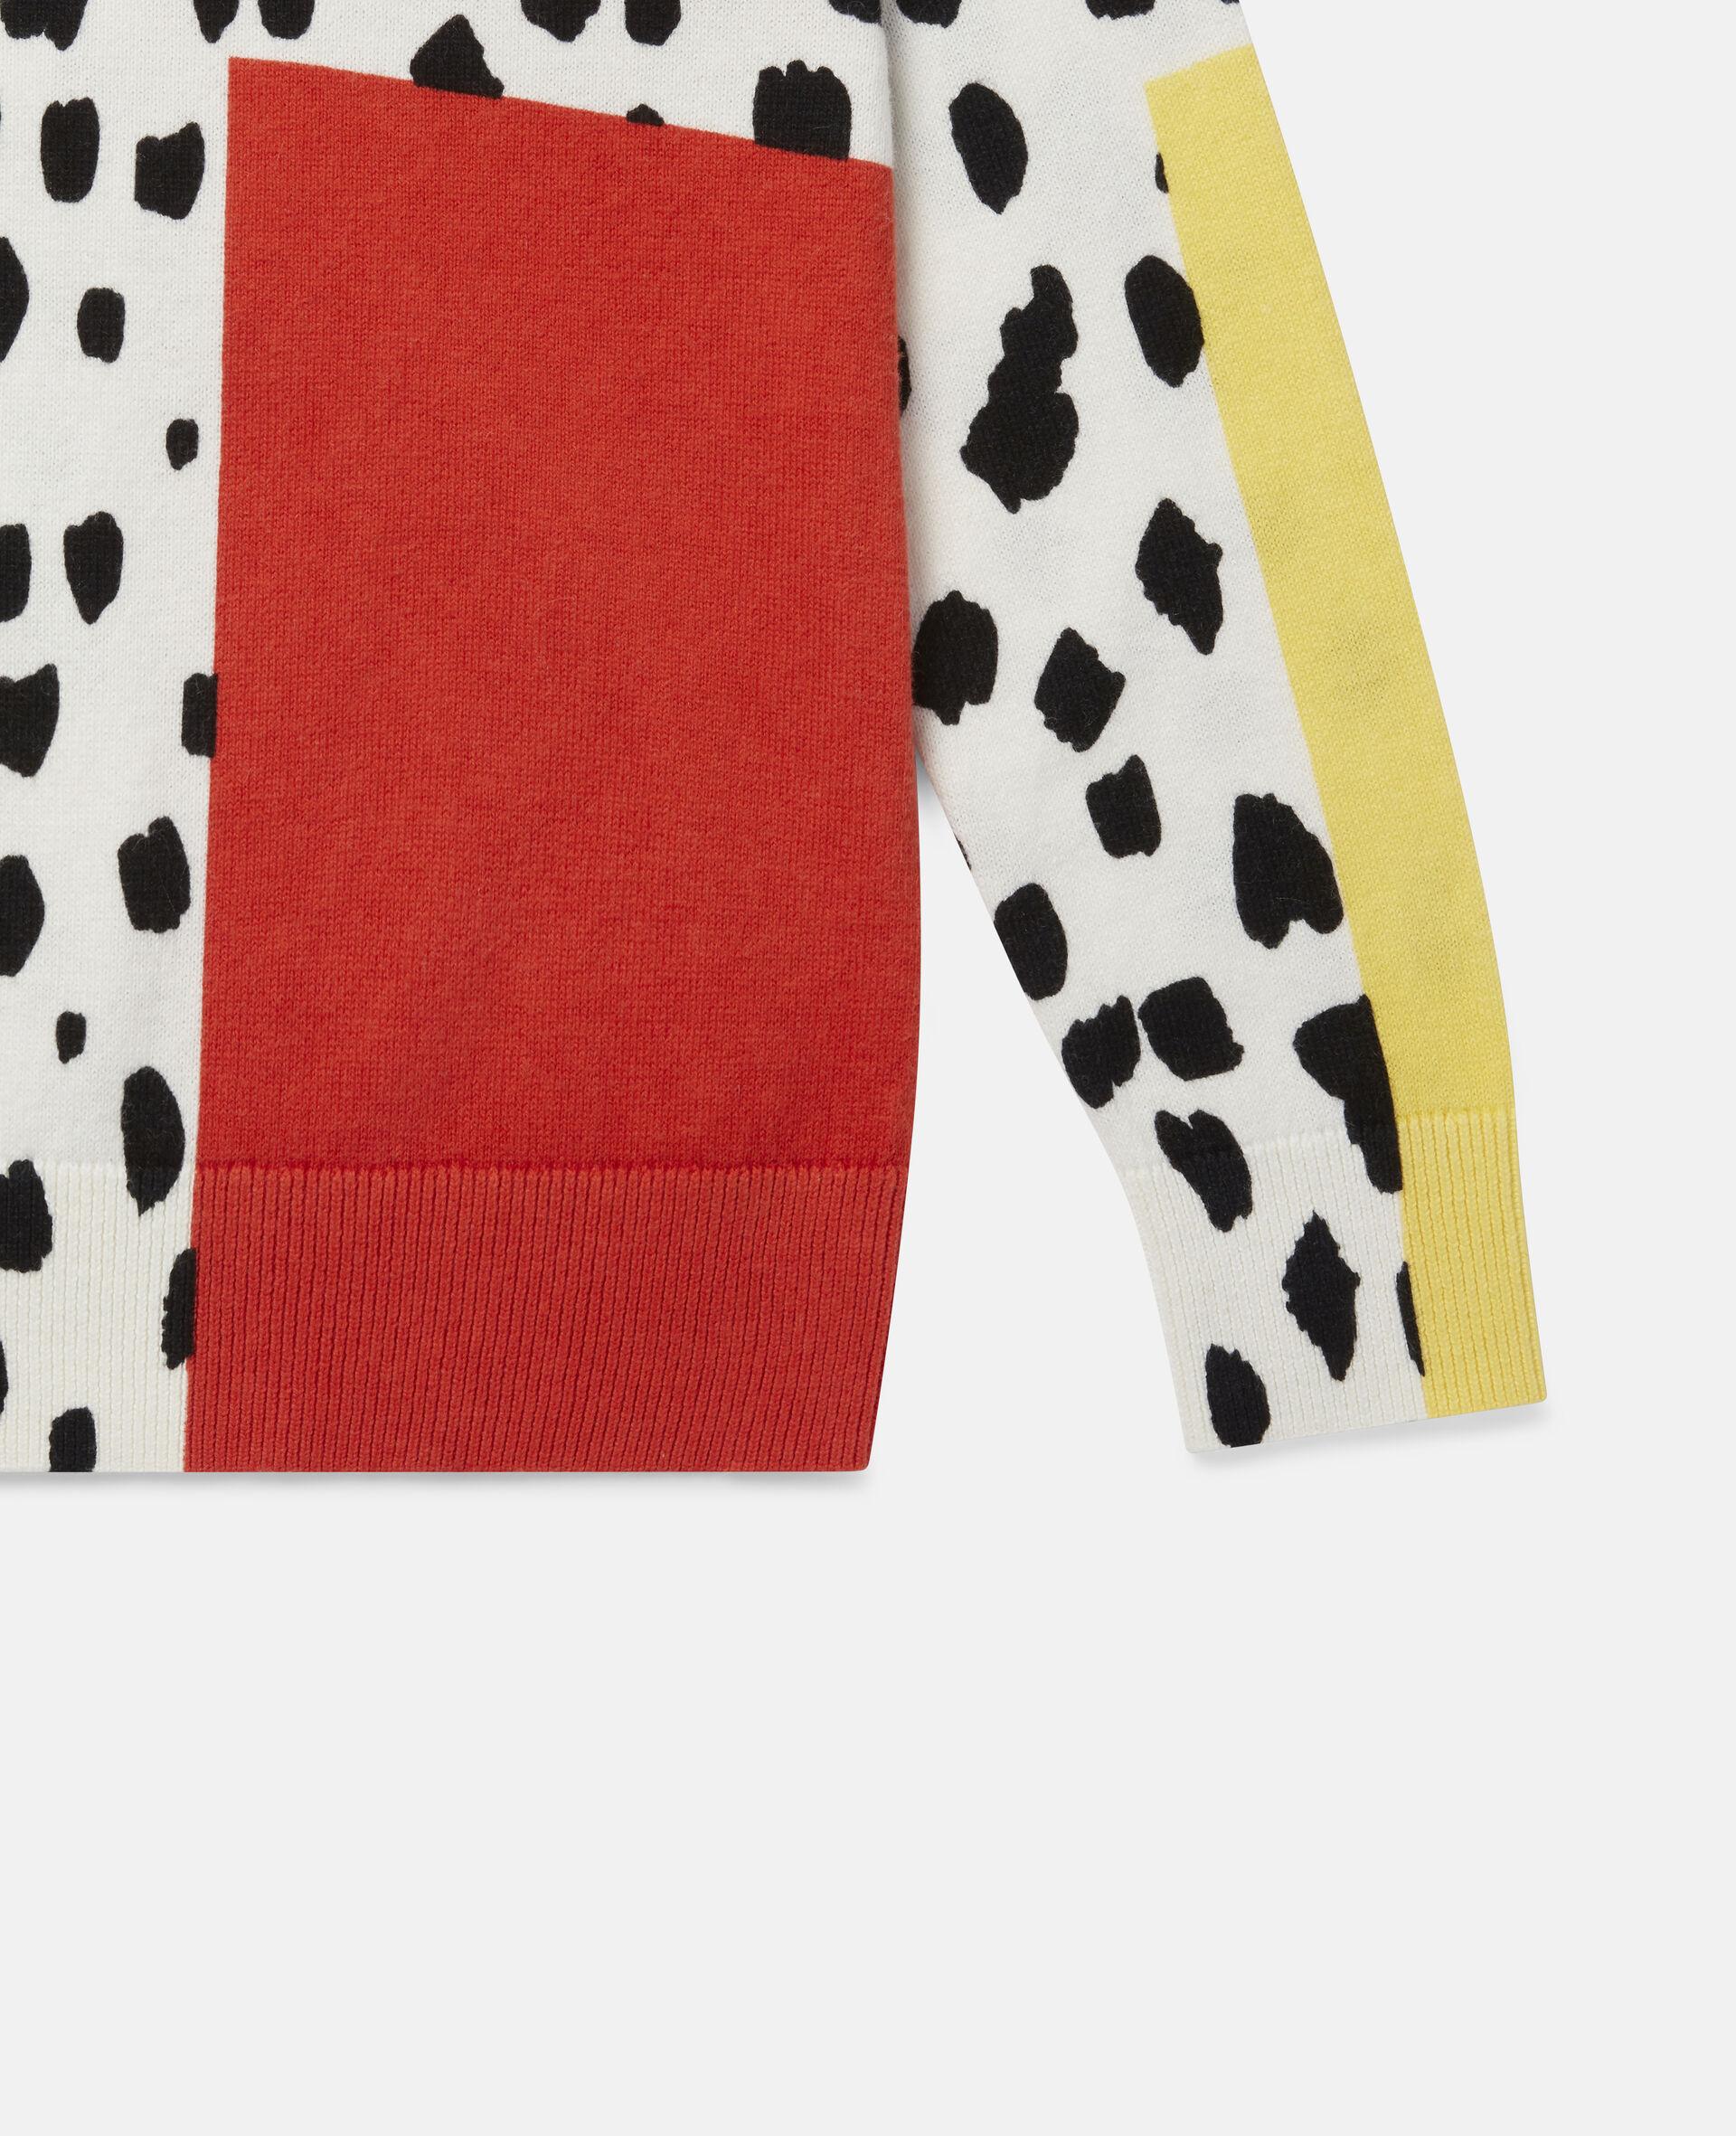 Pull en maille motif taches dalmatien-Fantaisie-large image number 2